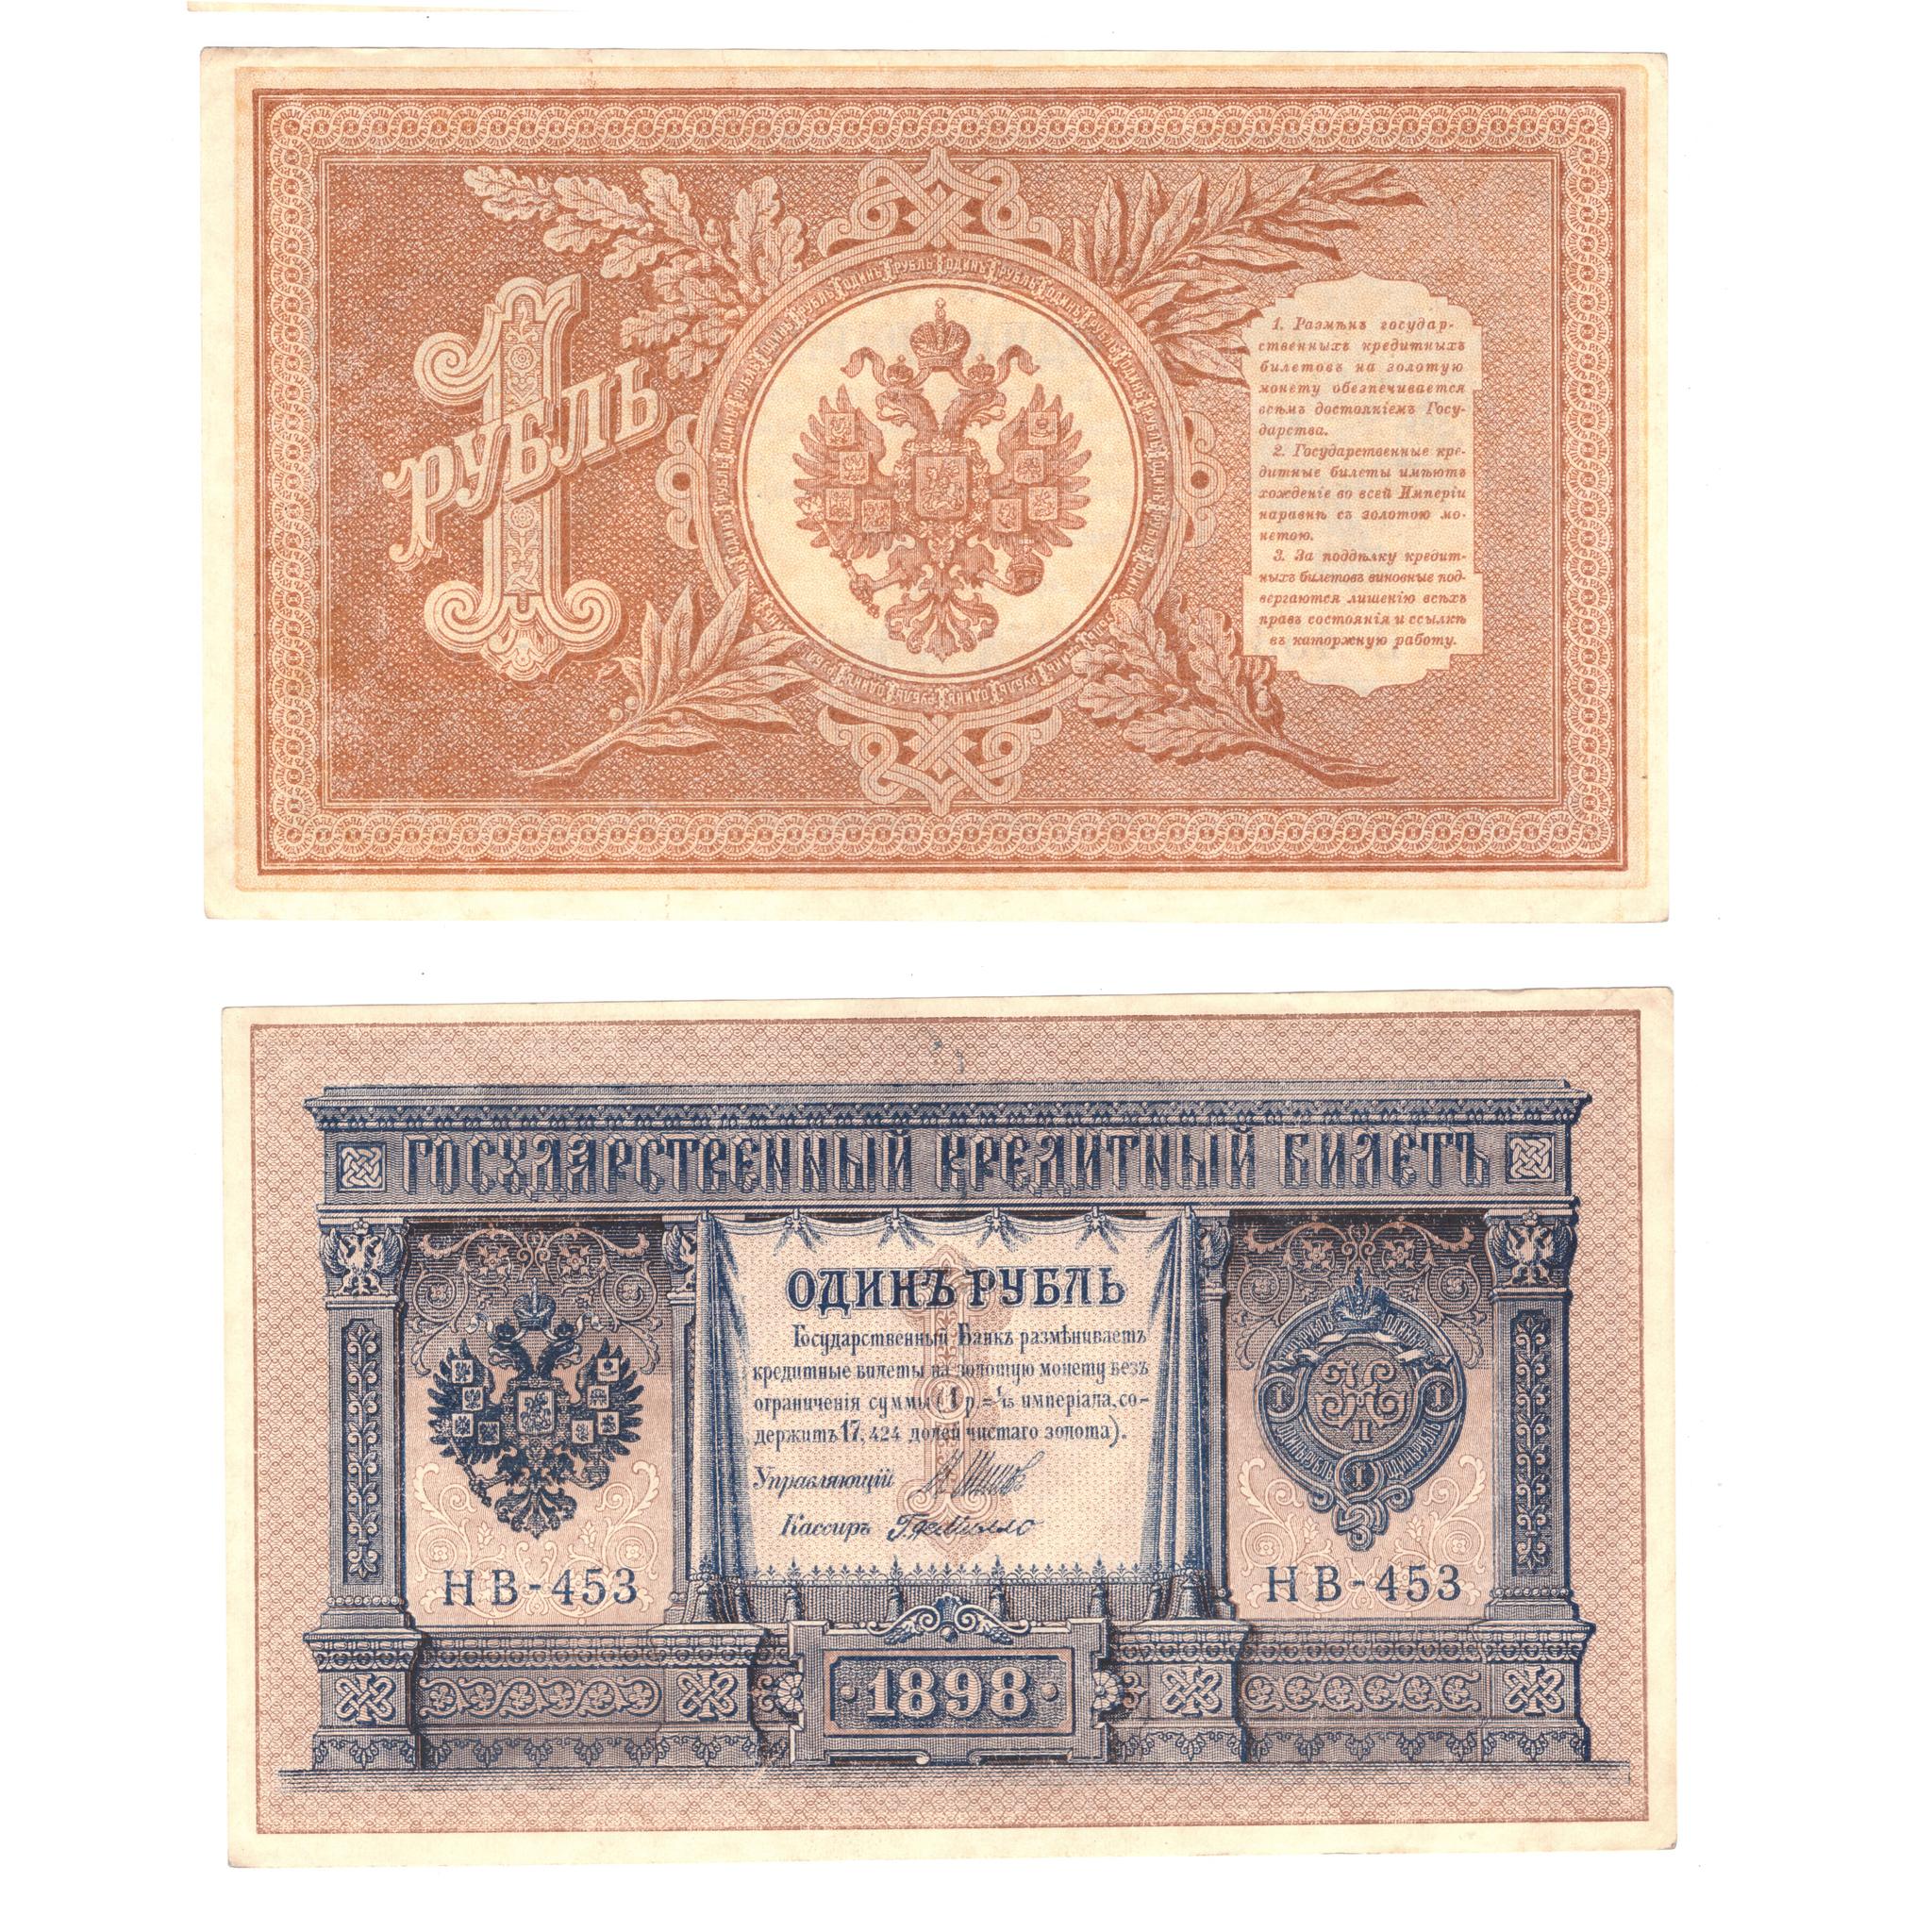 1 рубль 1898 г. Шипов Де Милло. НВ-453. XF-